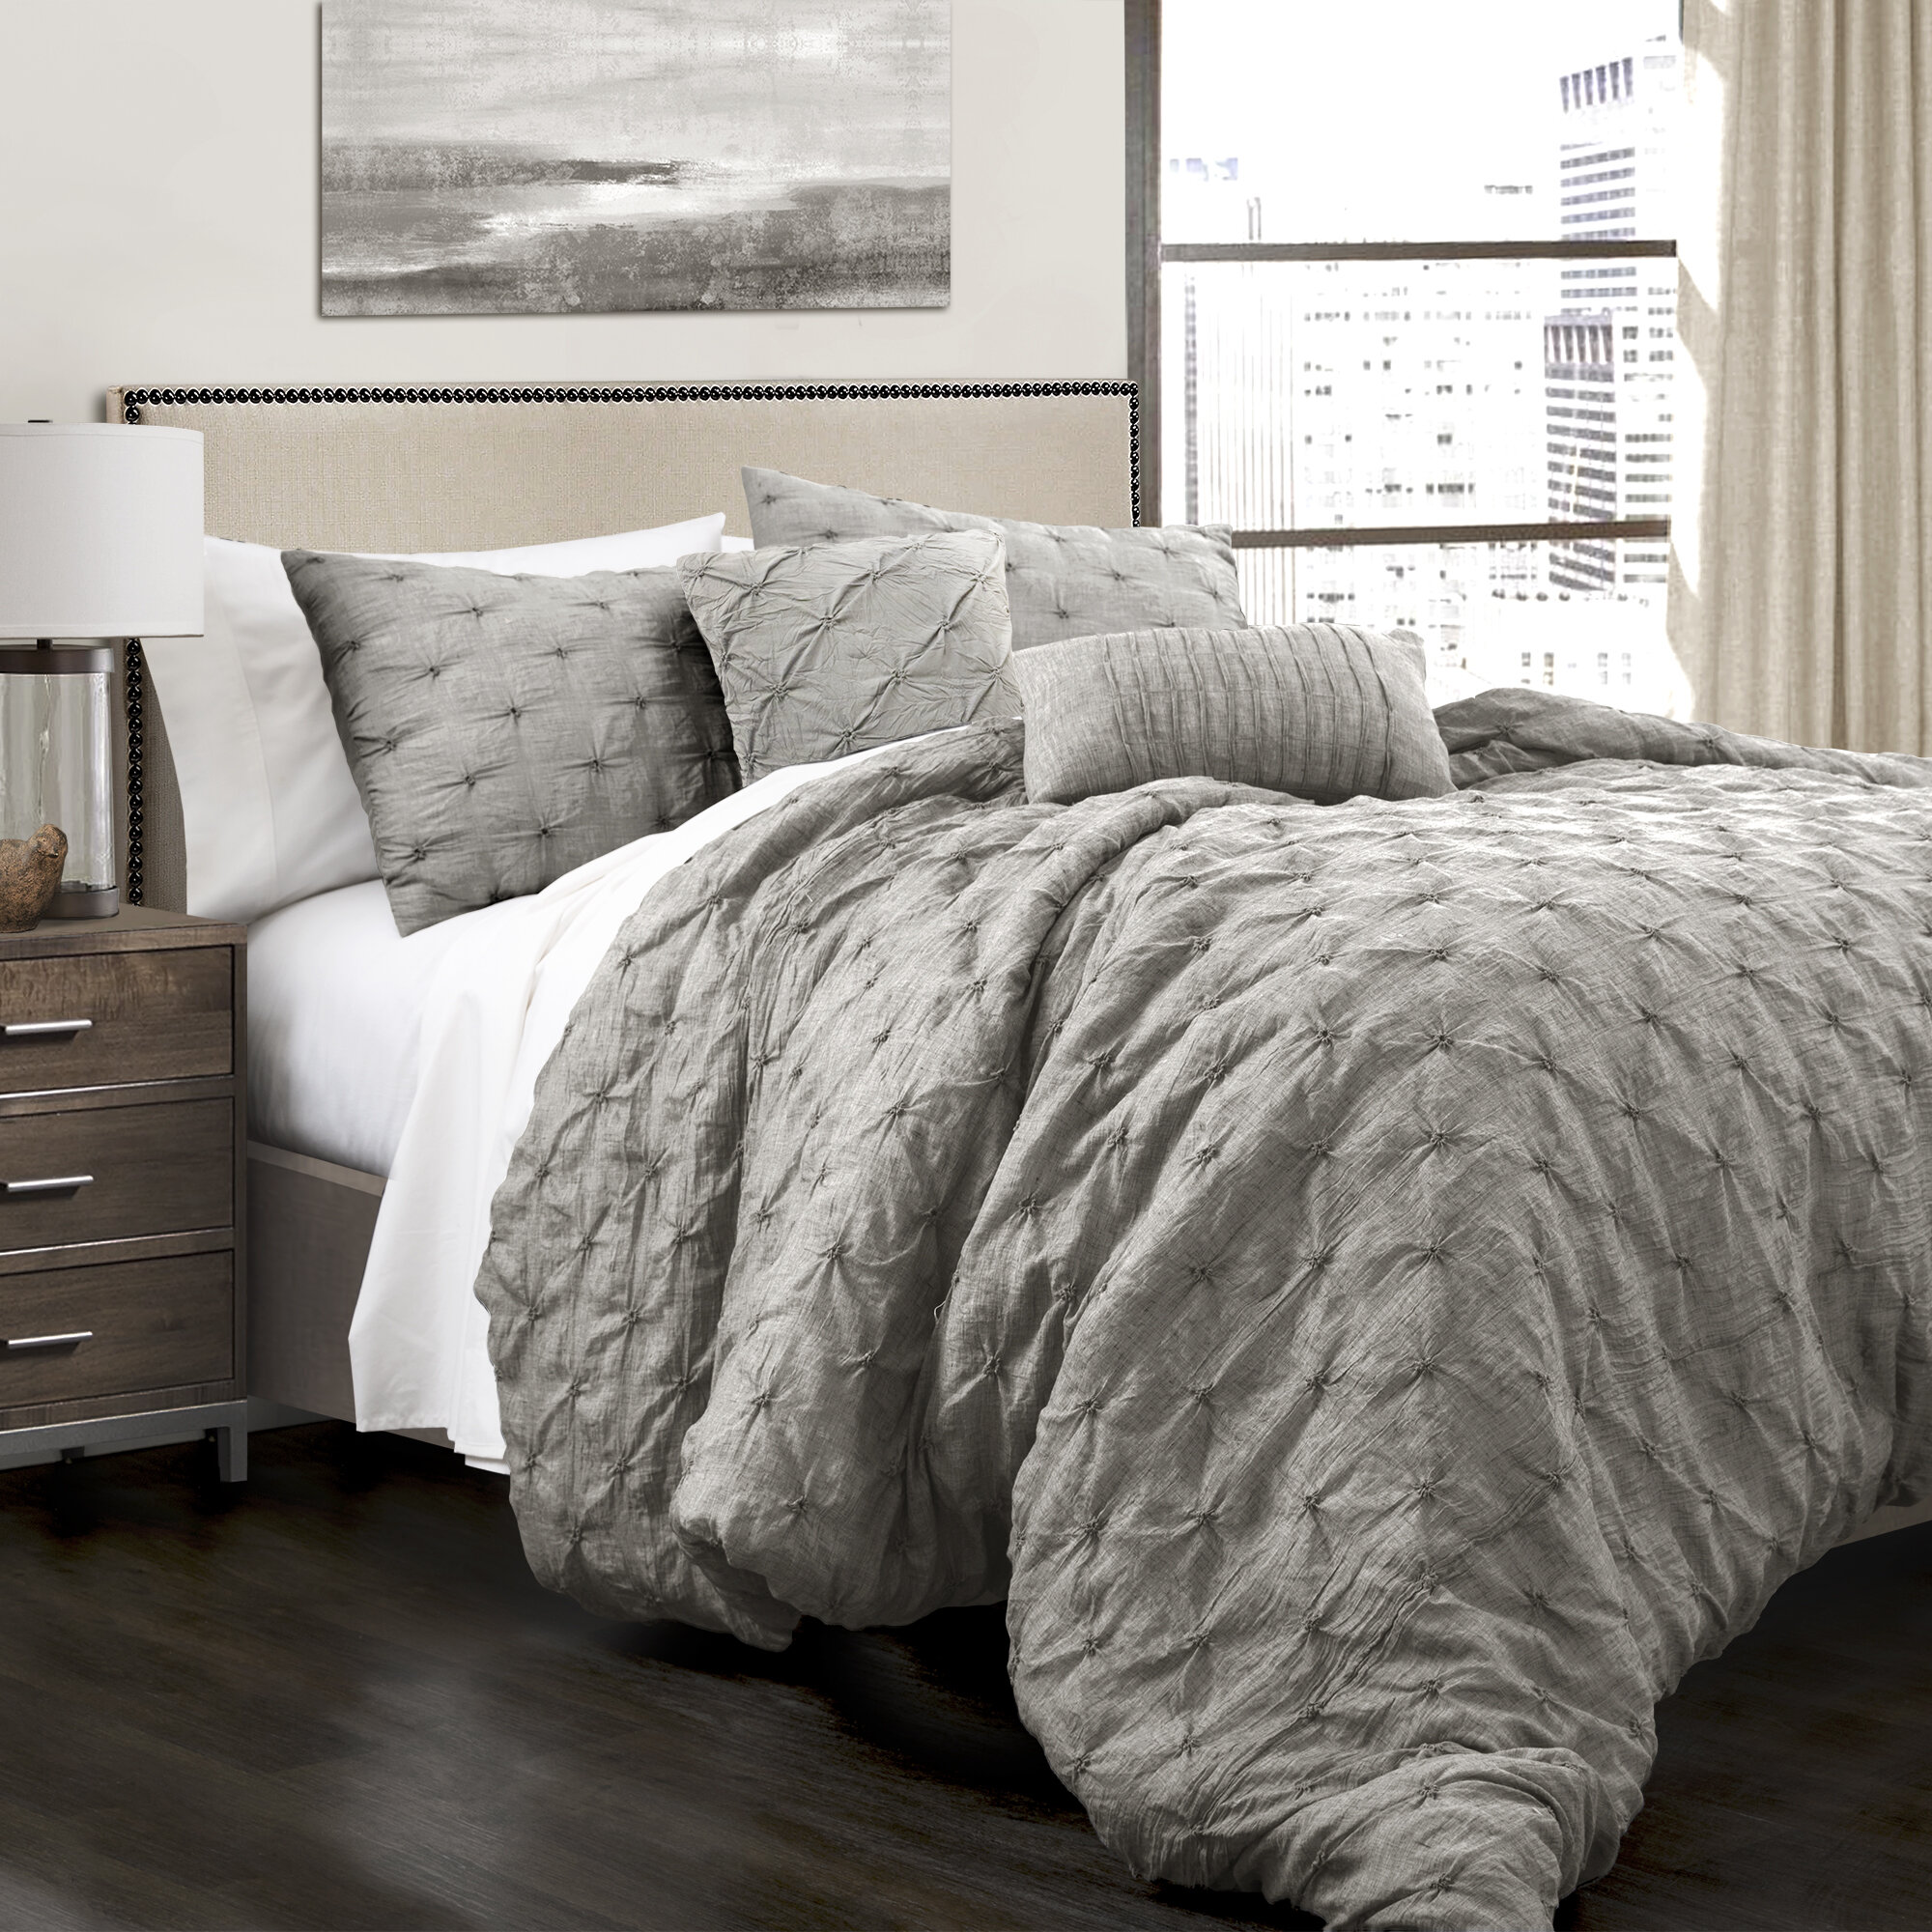 Queen Comforter Sets You Ll Love In 2021 Wayfair